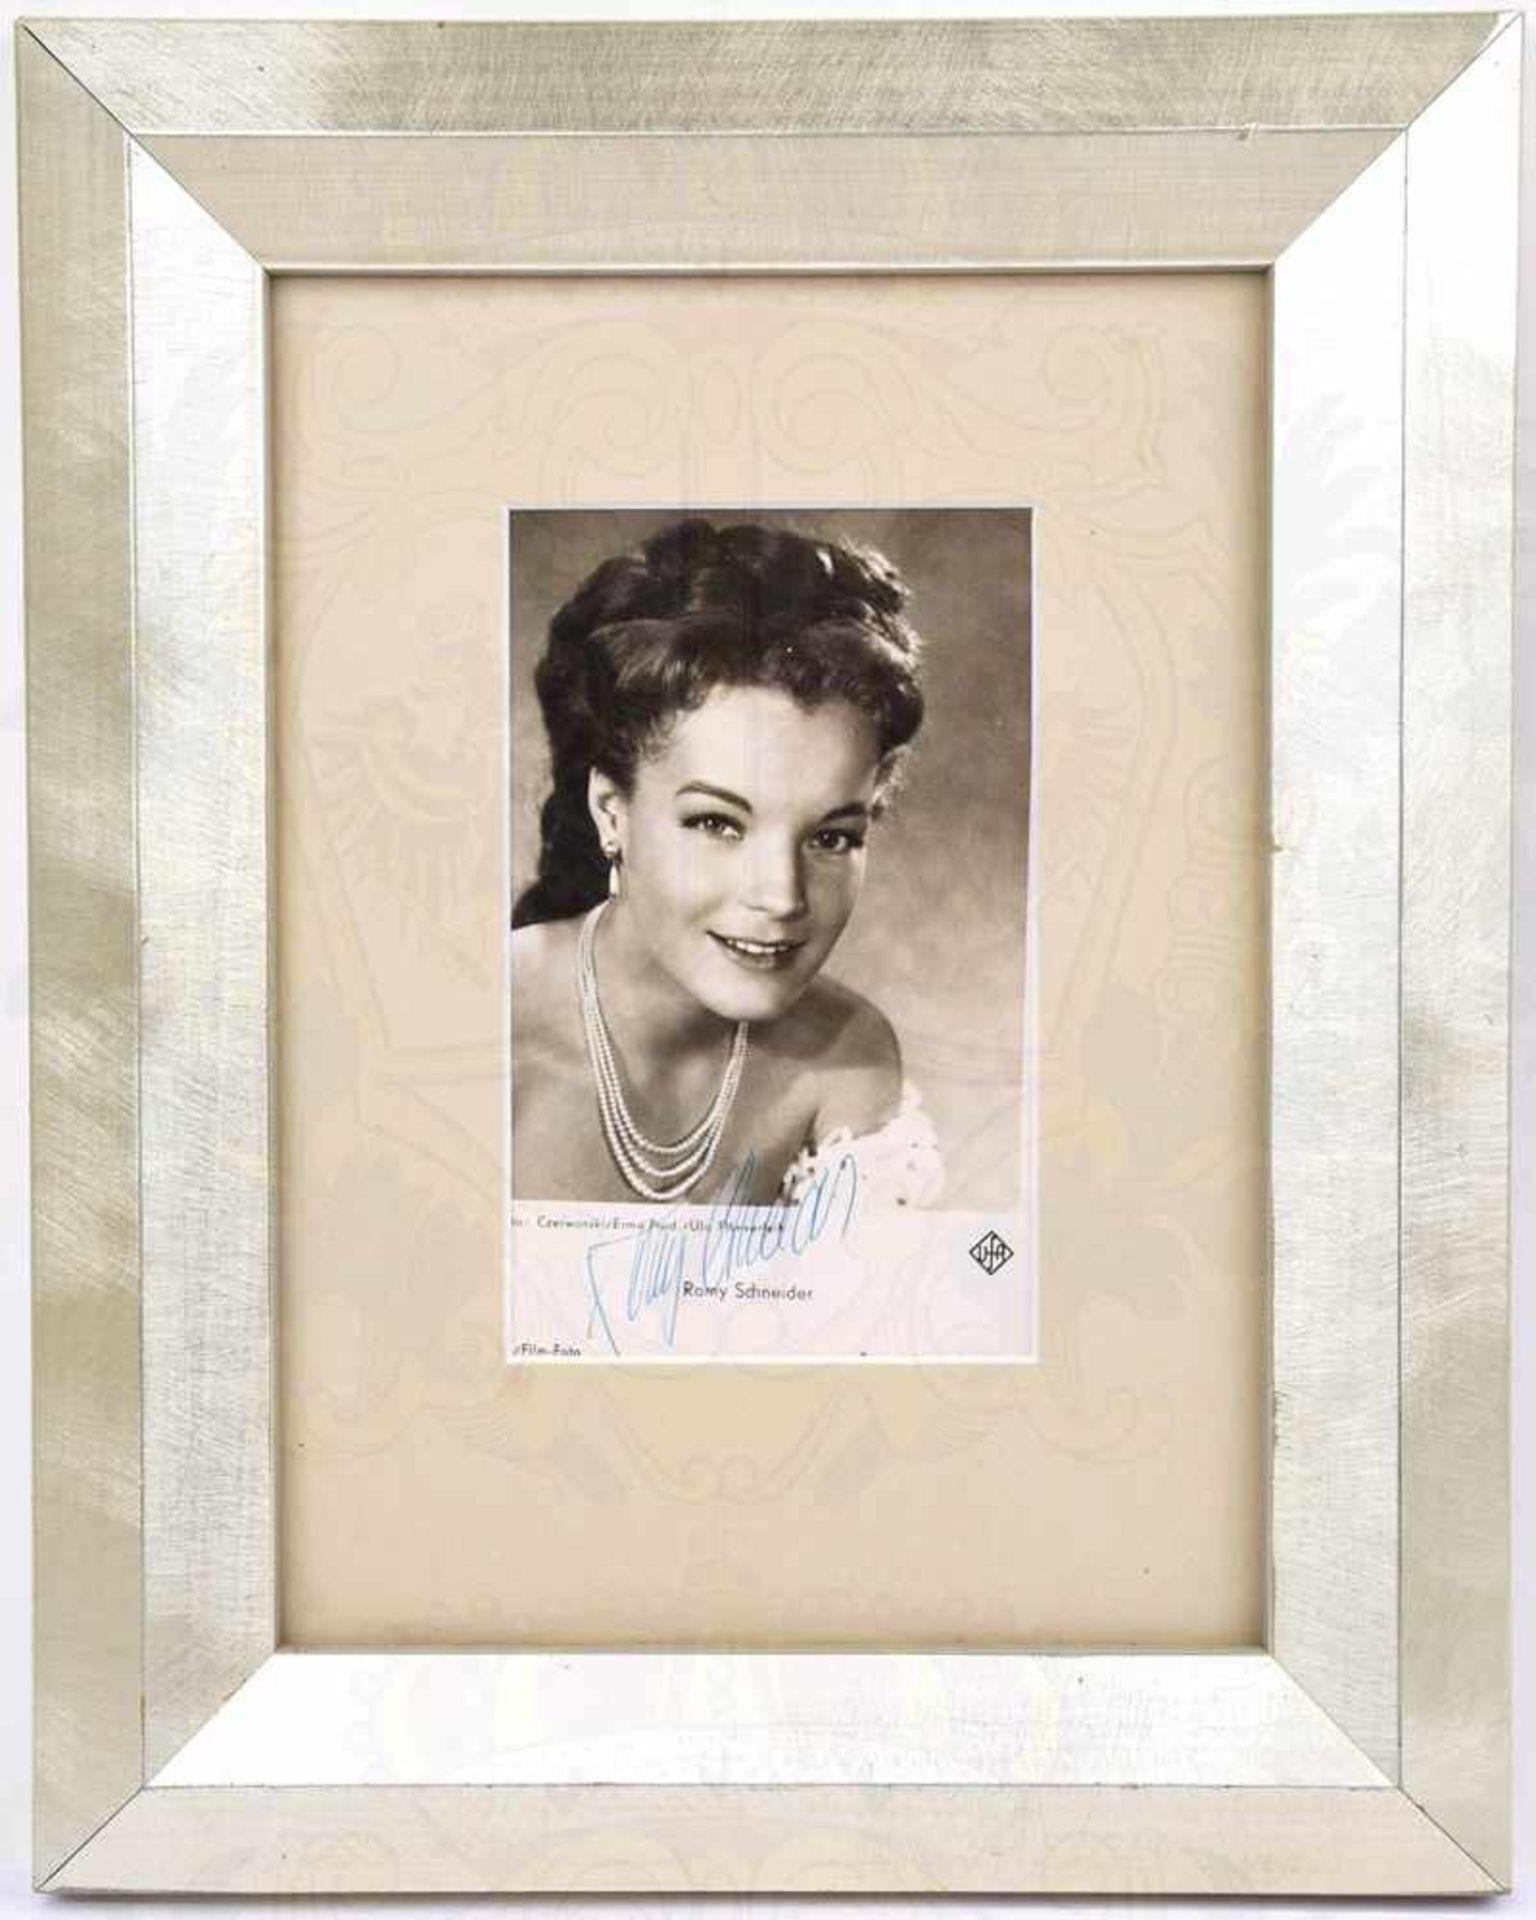 SCHNEIDER, ROMY, (1938-1982), Schauspielerin, Autogrammkarte m. Kugelschreiber-OU, Halbportrait um